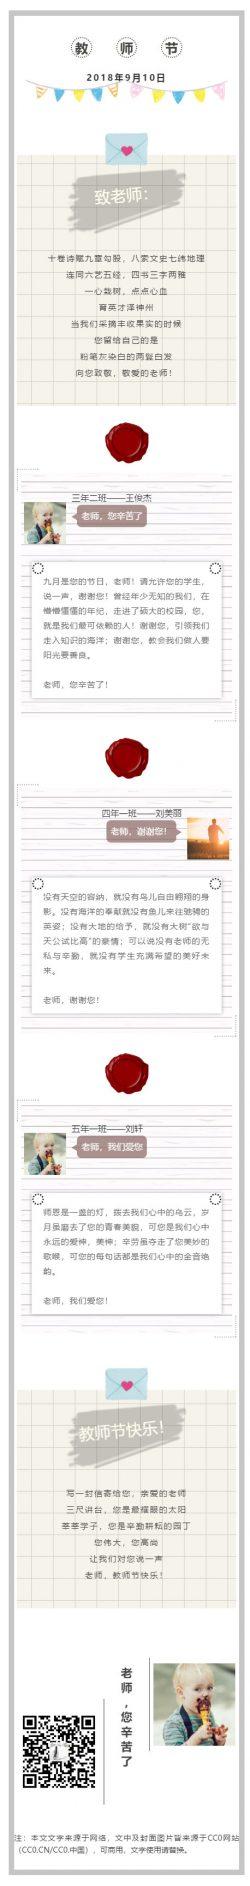 教师节快乐教育推送素材模板微信公众号推文